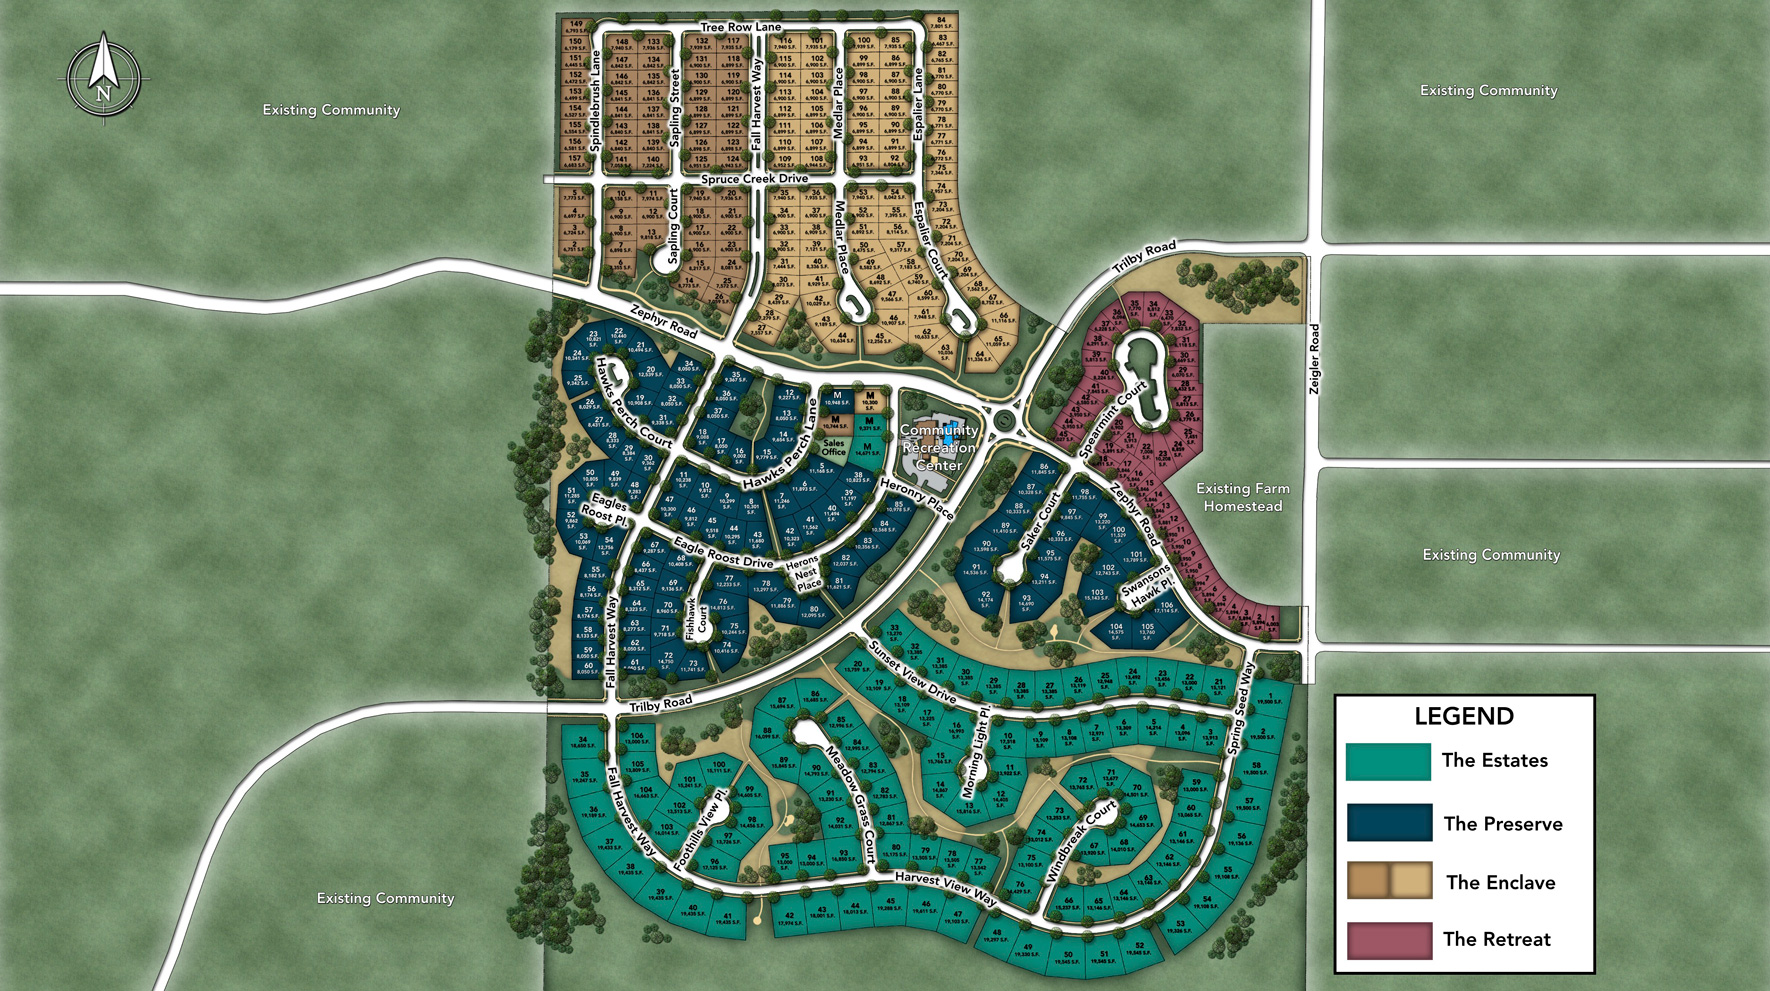 The Preserve at Kechter Farm Site Plan